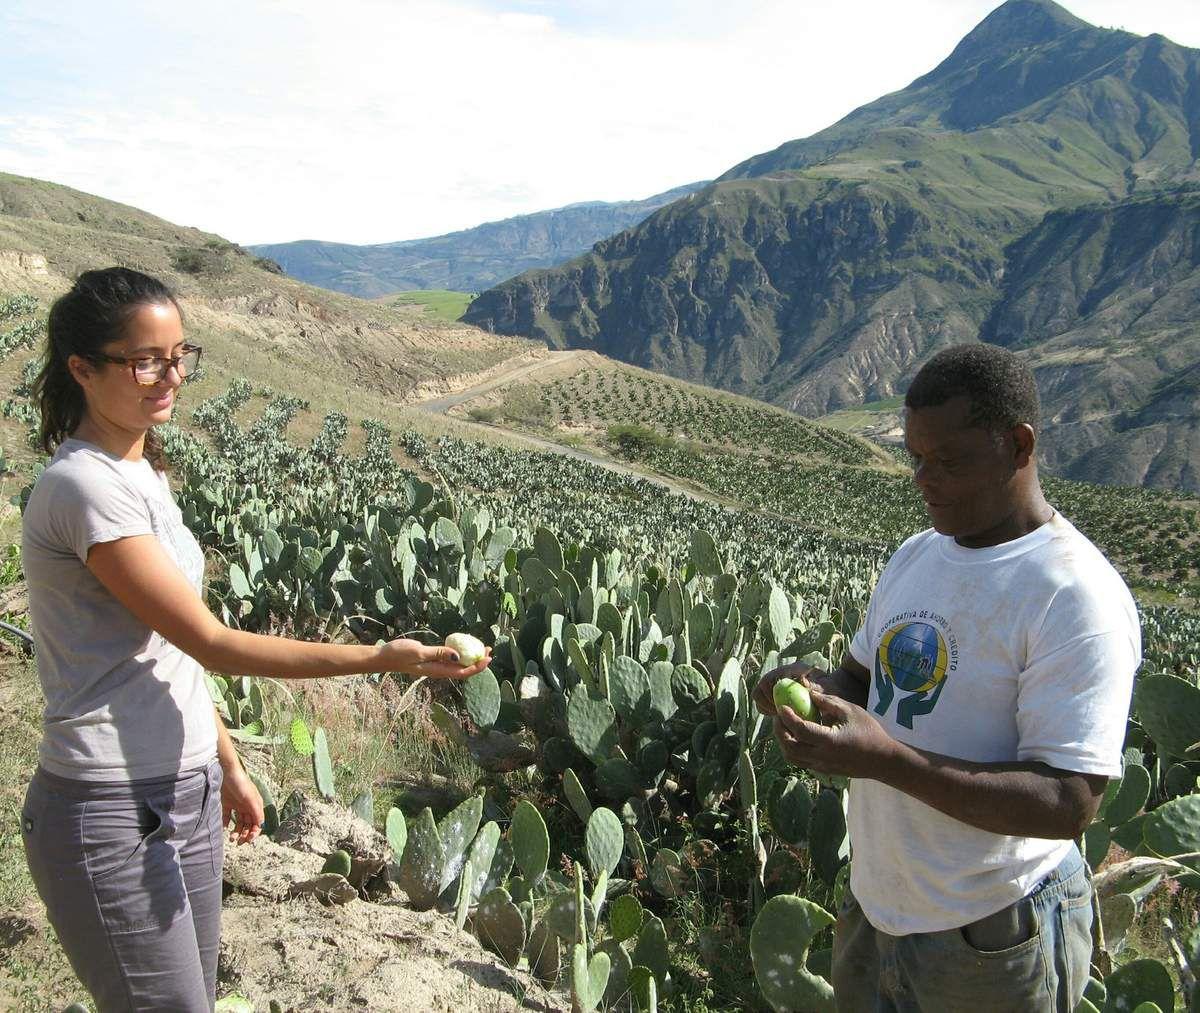 Sur ces collines arides,  la culture des figues de Barbarie a récemment été introduite et offre à la communauté de nouveaux débouchés économiques.